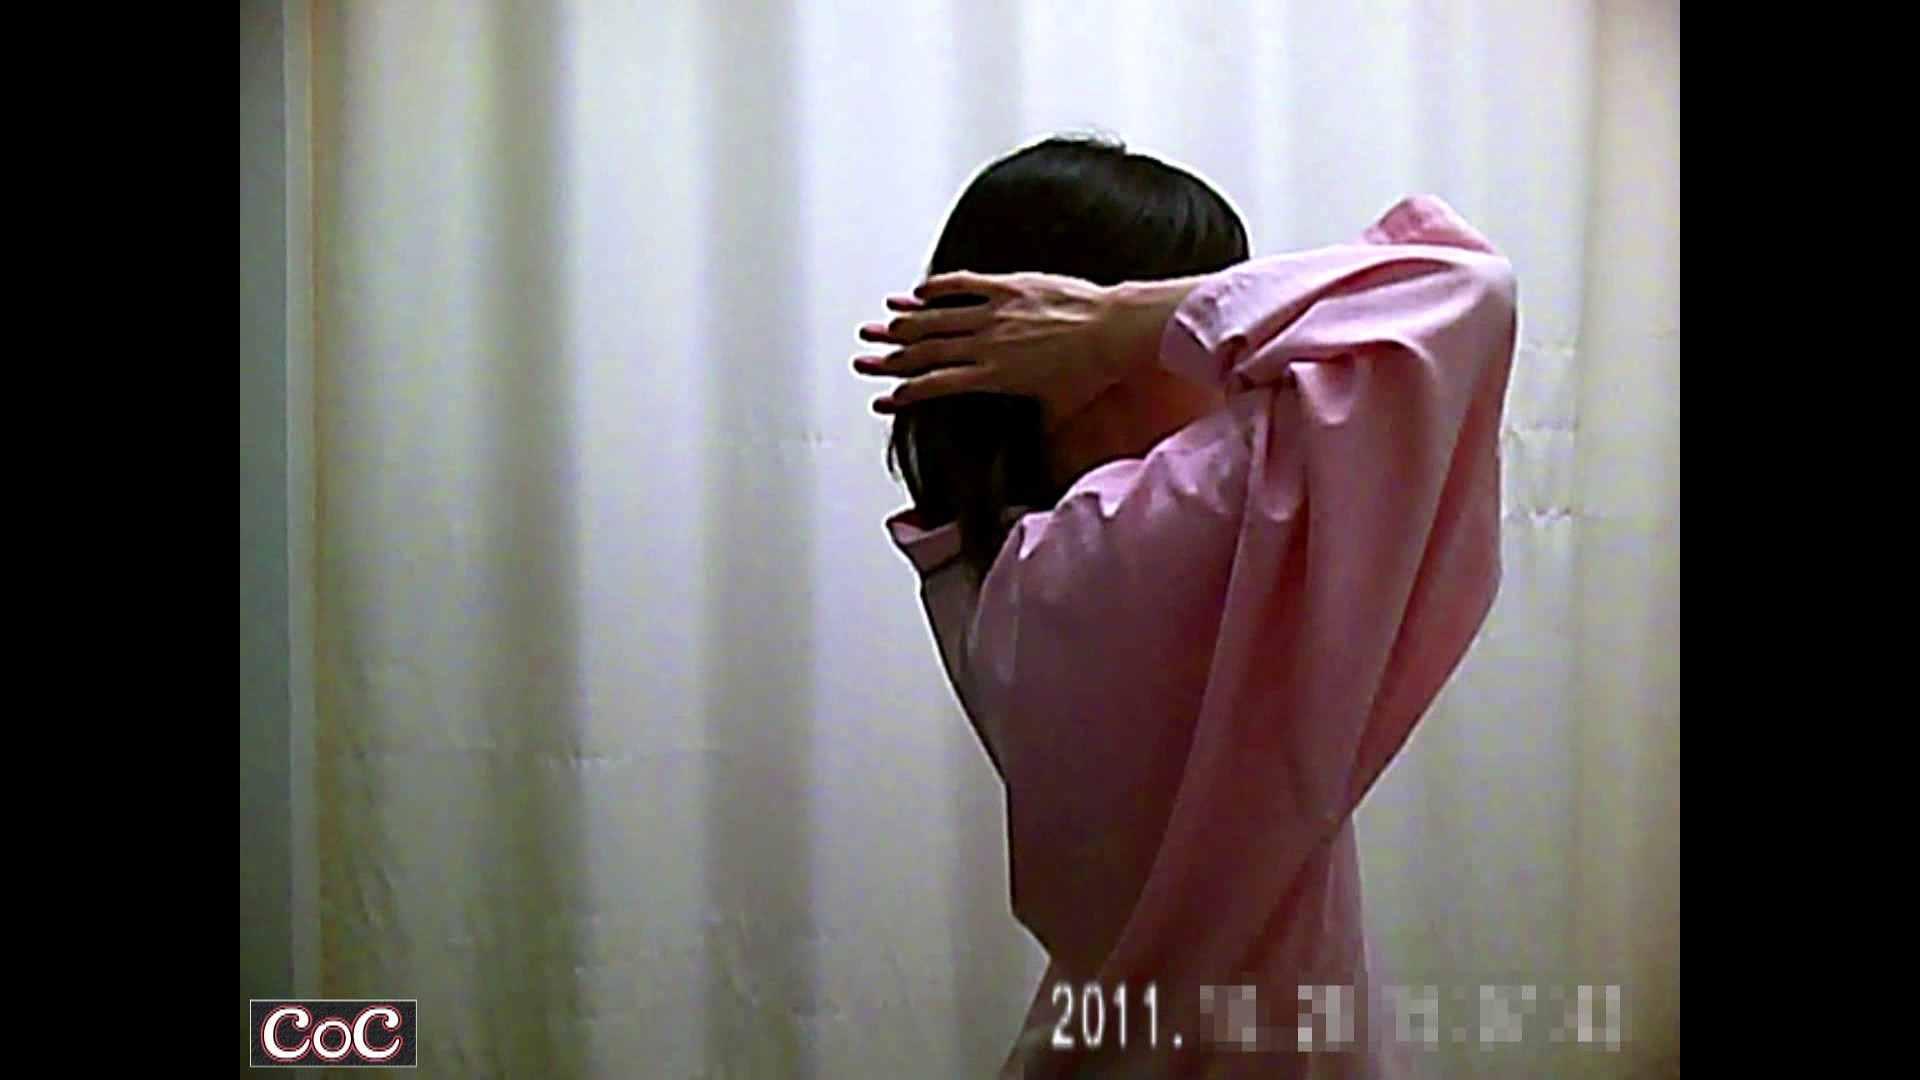 病院おもいっきり着替え! vol.75 貧乳 セックス画像 107pic 104